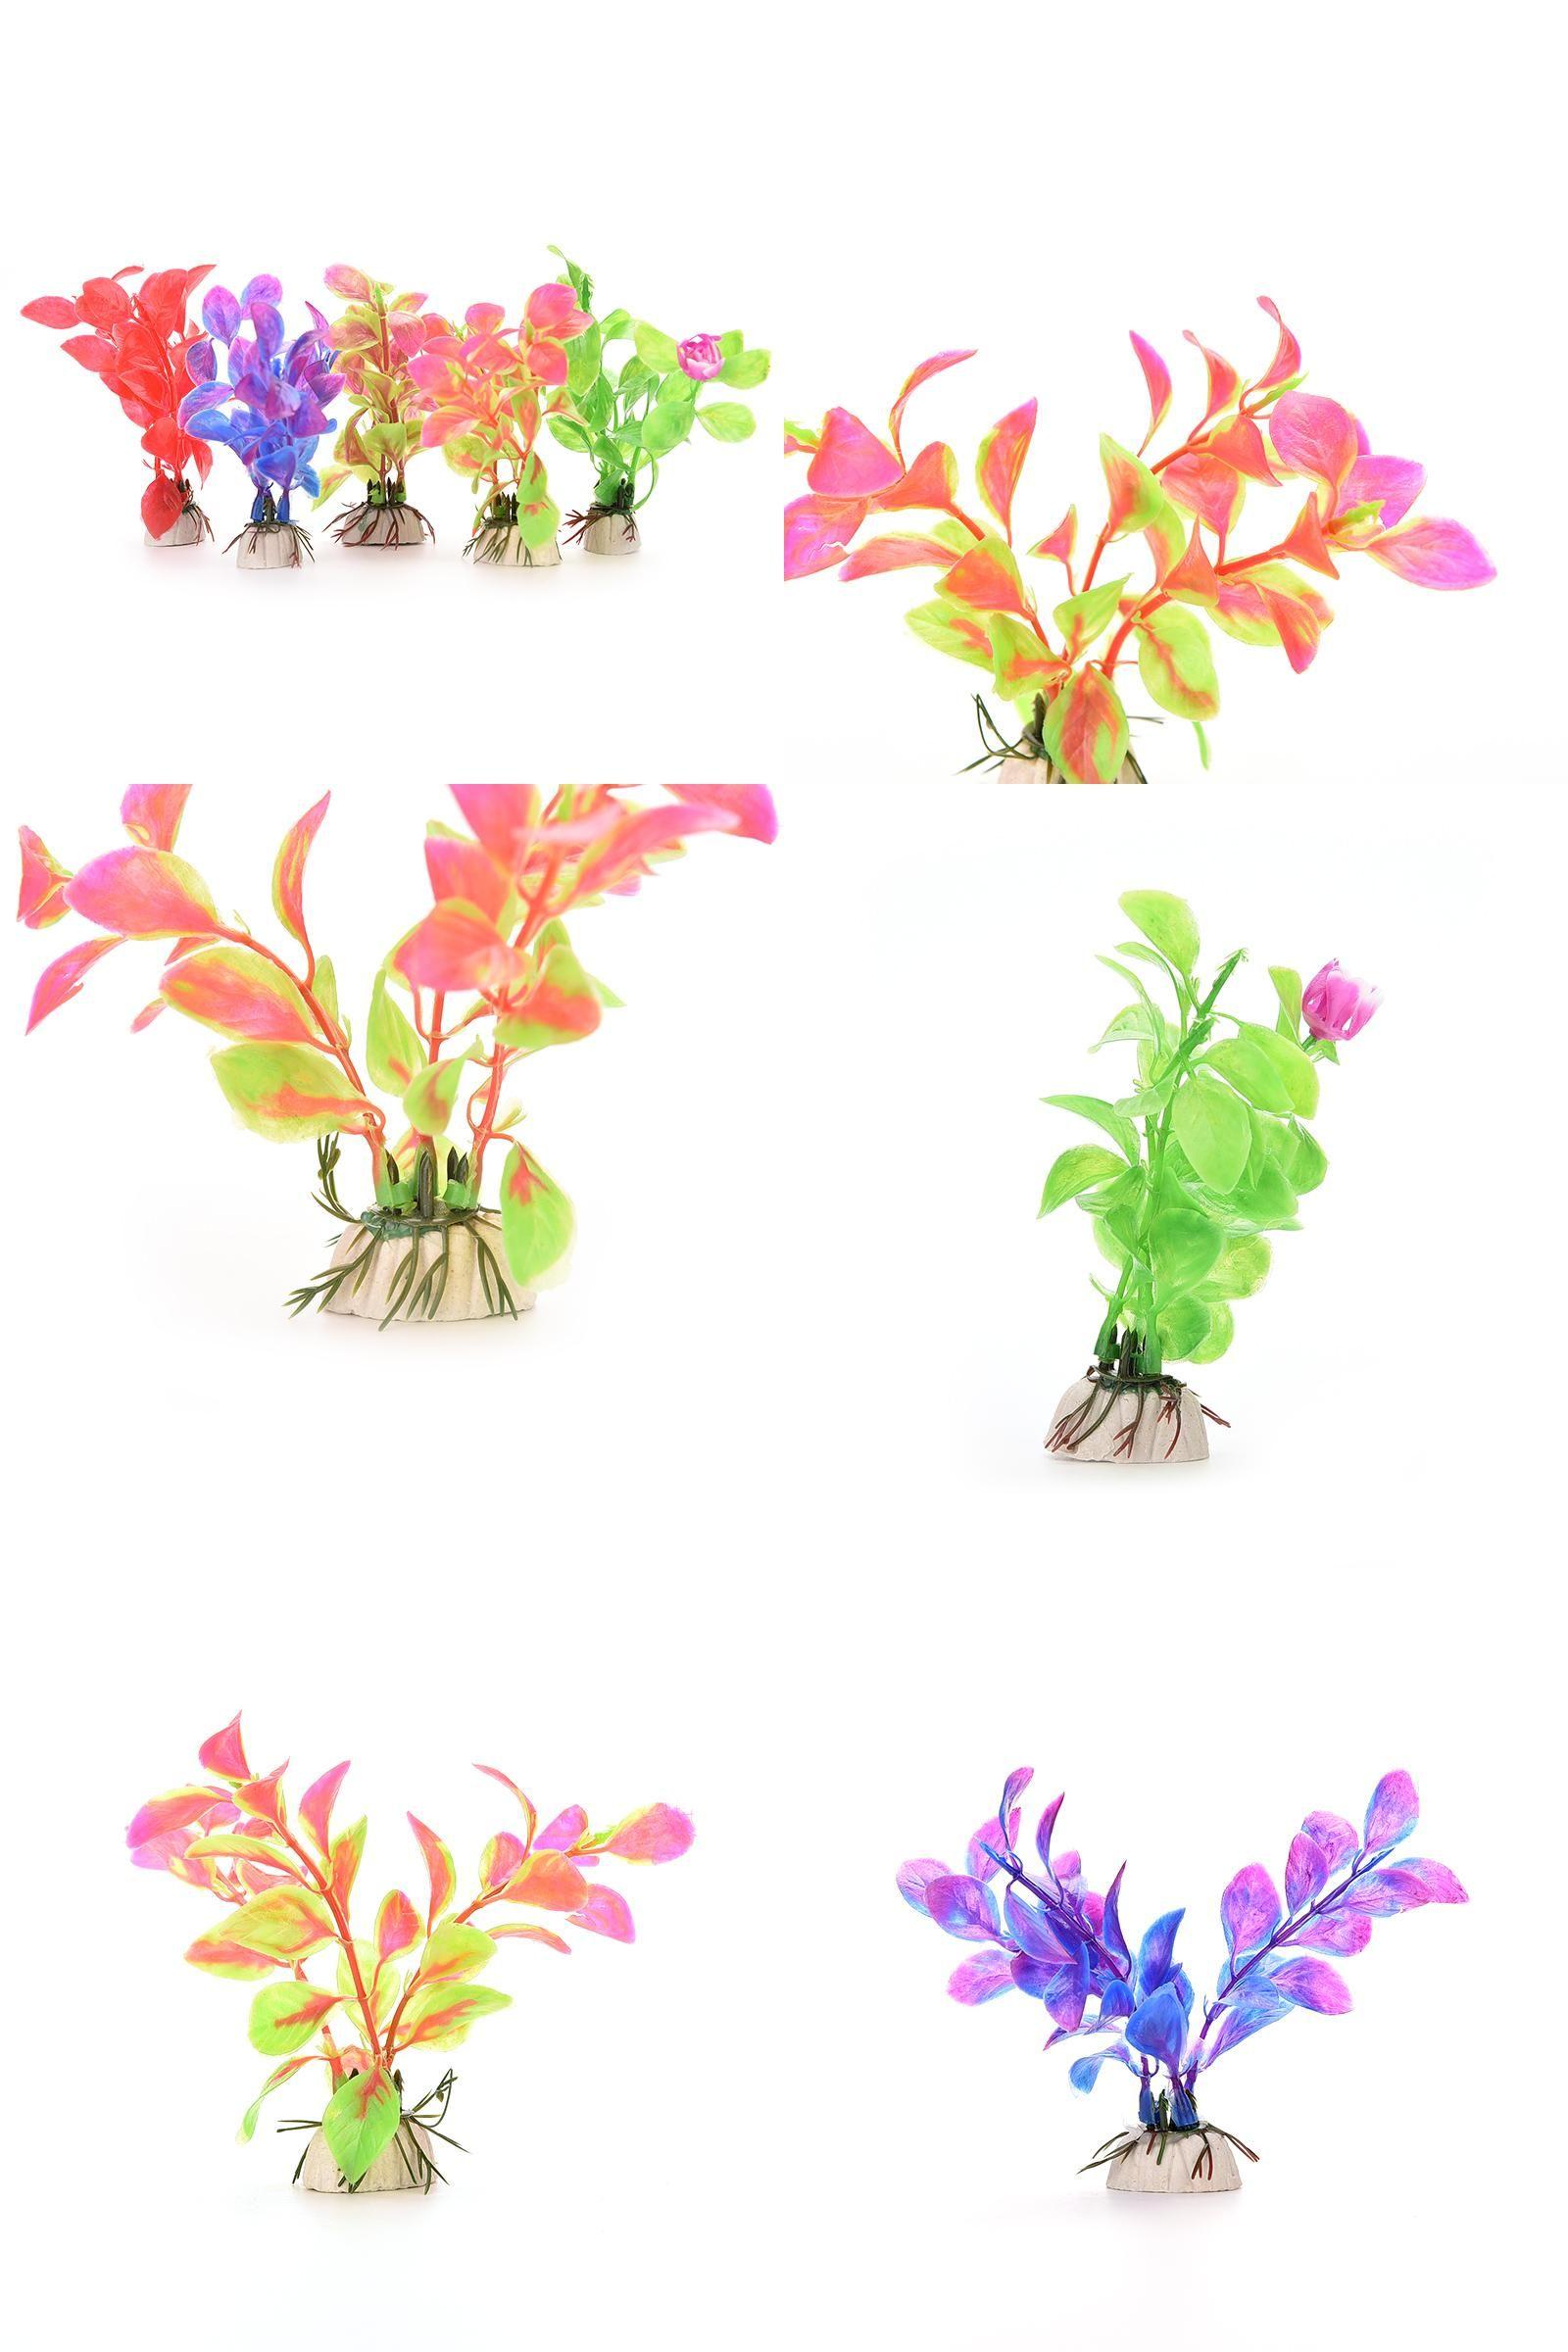 Visit to buy pcs cm simulation artificial plants aquarium decor